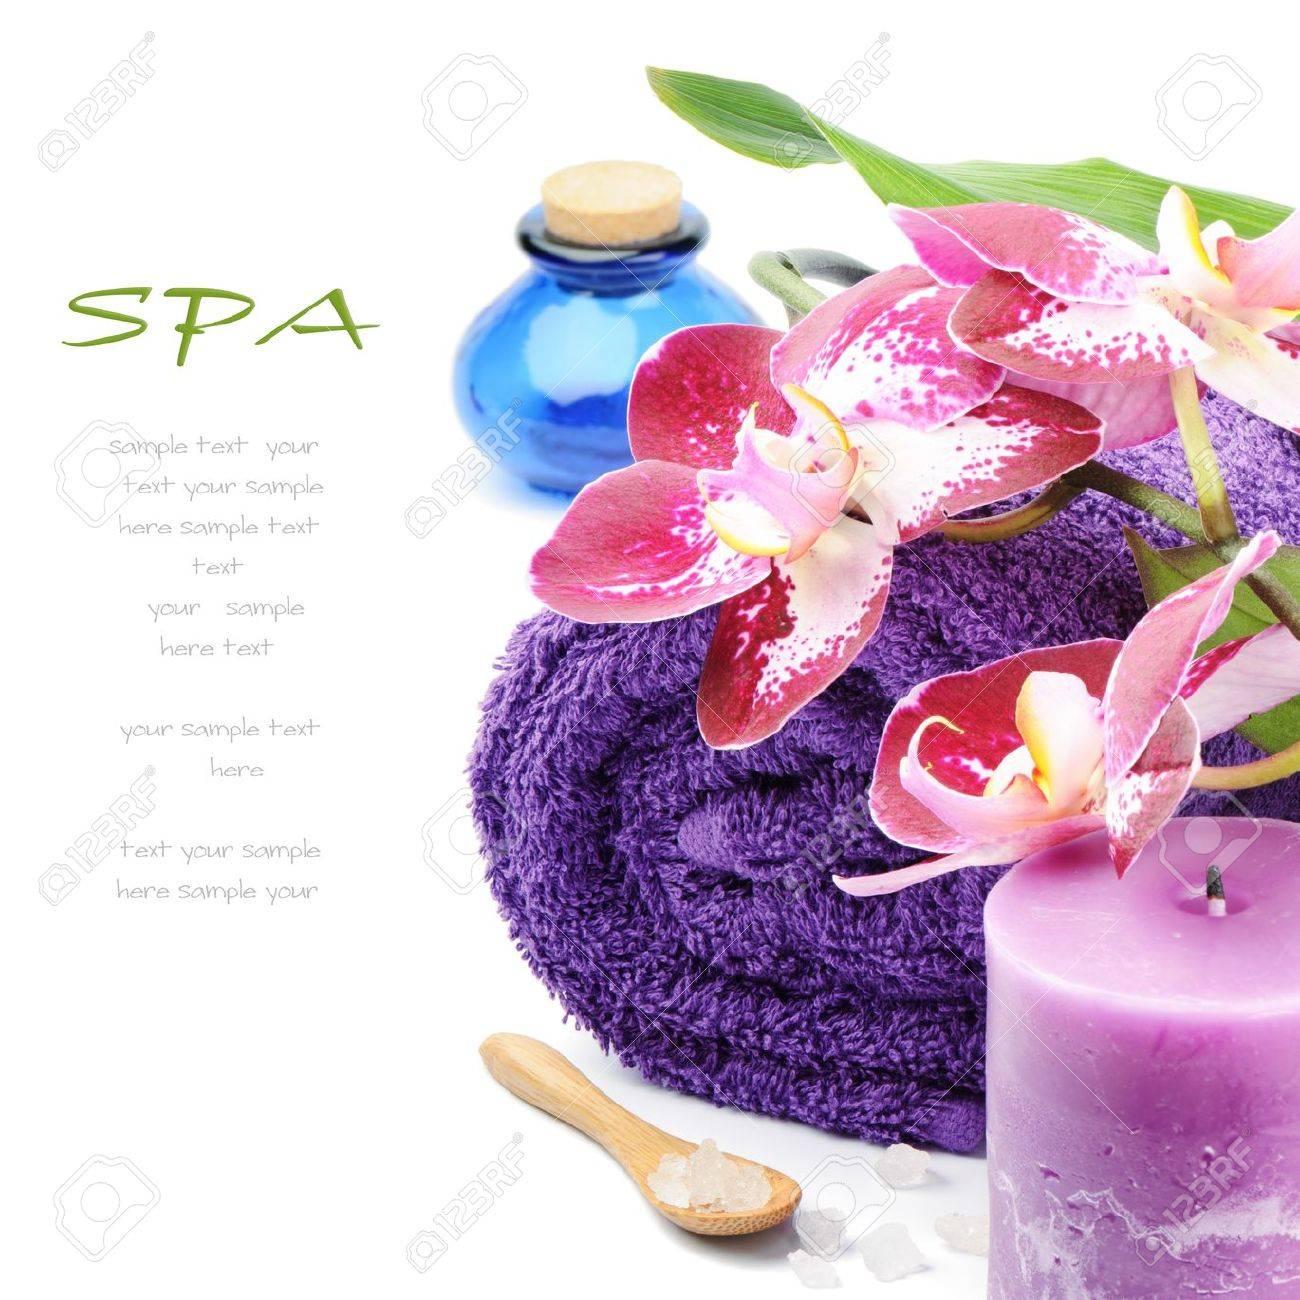 Spa setting in purple tone over white - 12926733